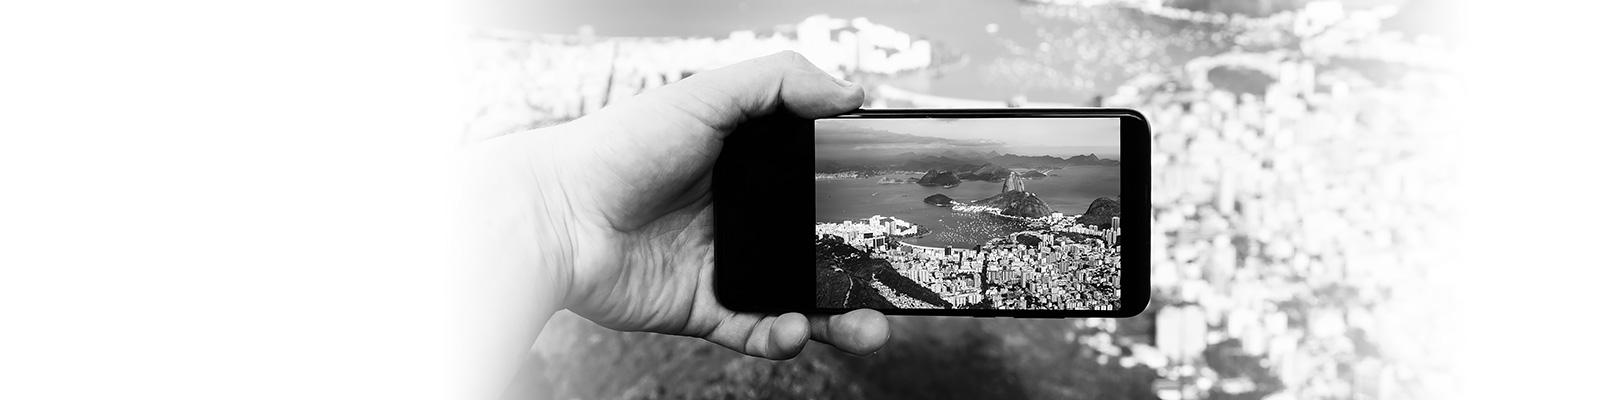 ブラジル スマートフォン イメージ